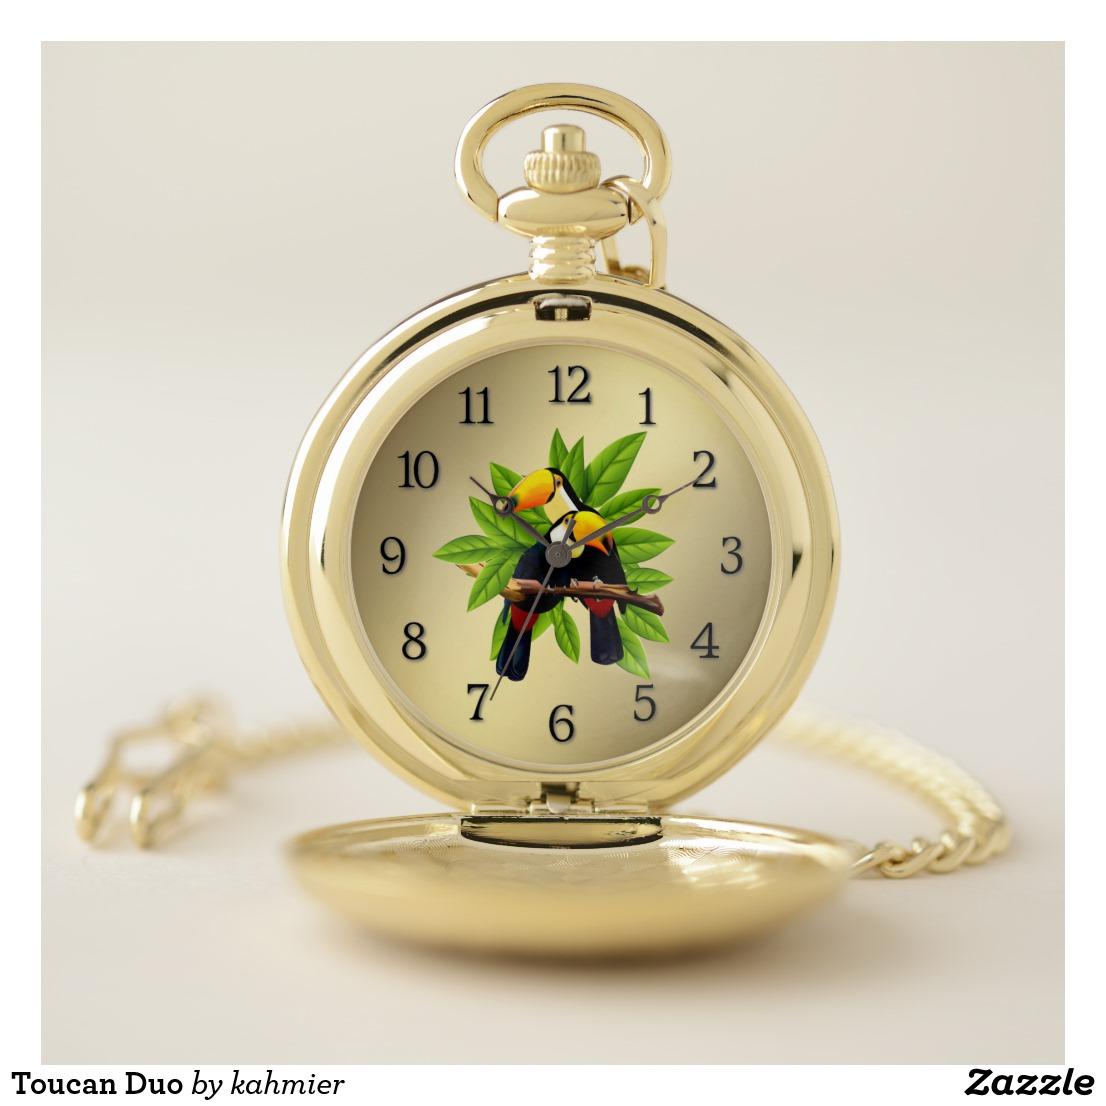 Toucan Duo Pocket Watch